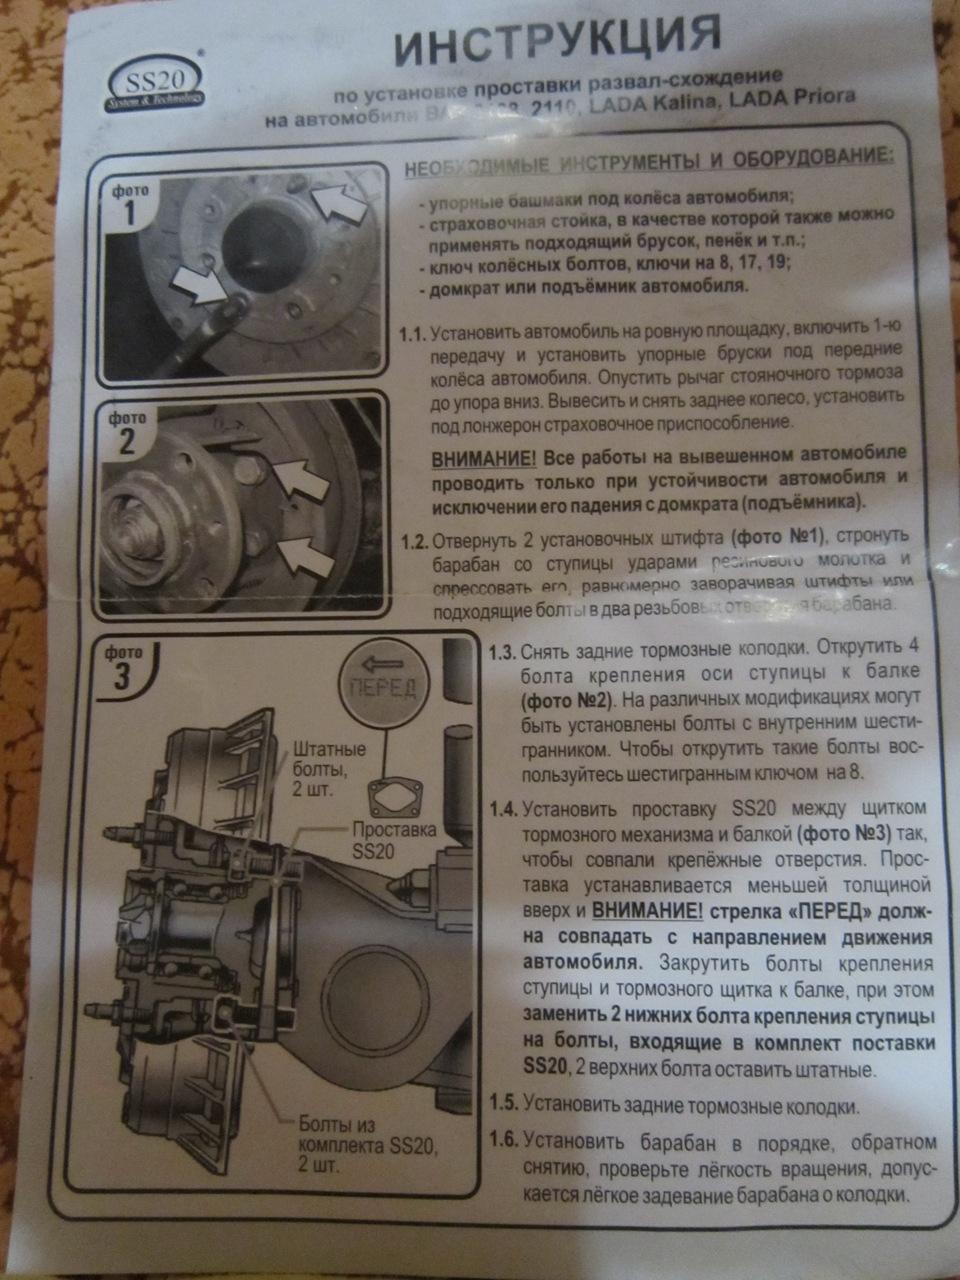 инструкция по установке передних стоек сс20